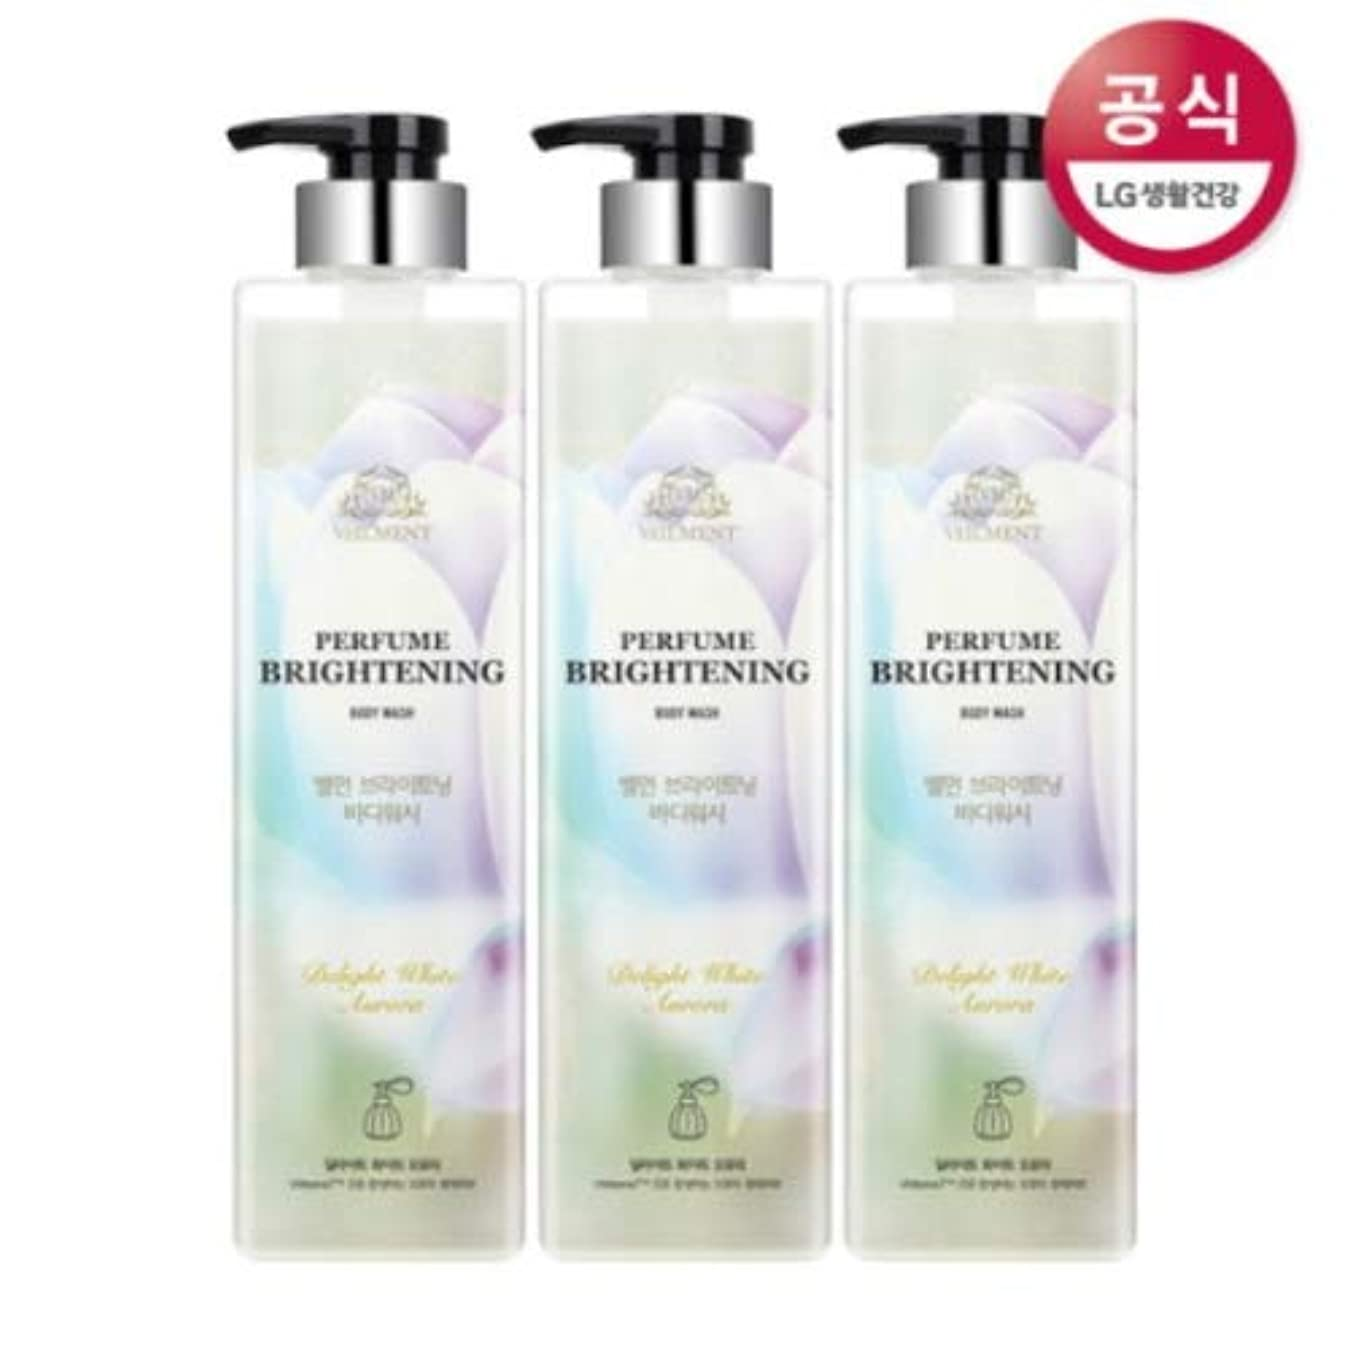 意見金銭的ロック解除[LG HnB] On the Body Belman Perfume Brightening Body Wash / オンザボディベルモンパフュームブライトニングボディウォッシュ680mlx3個(海外直送品)